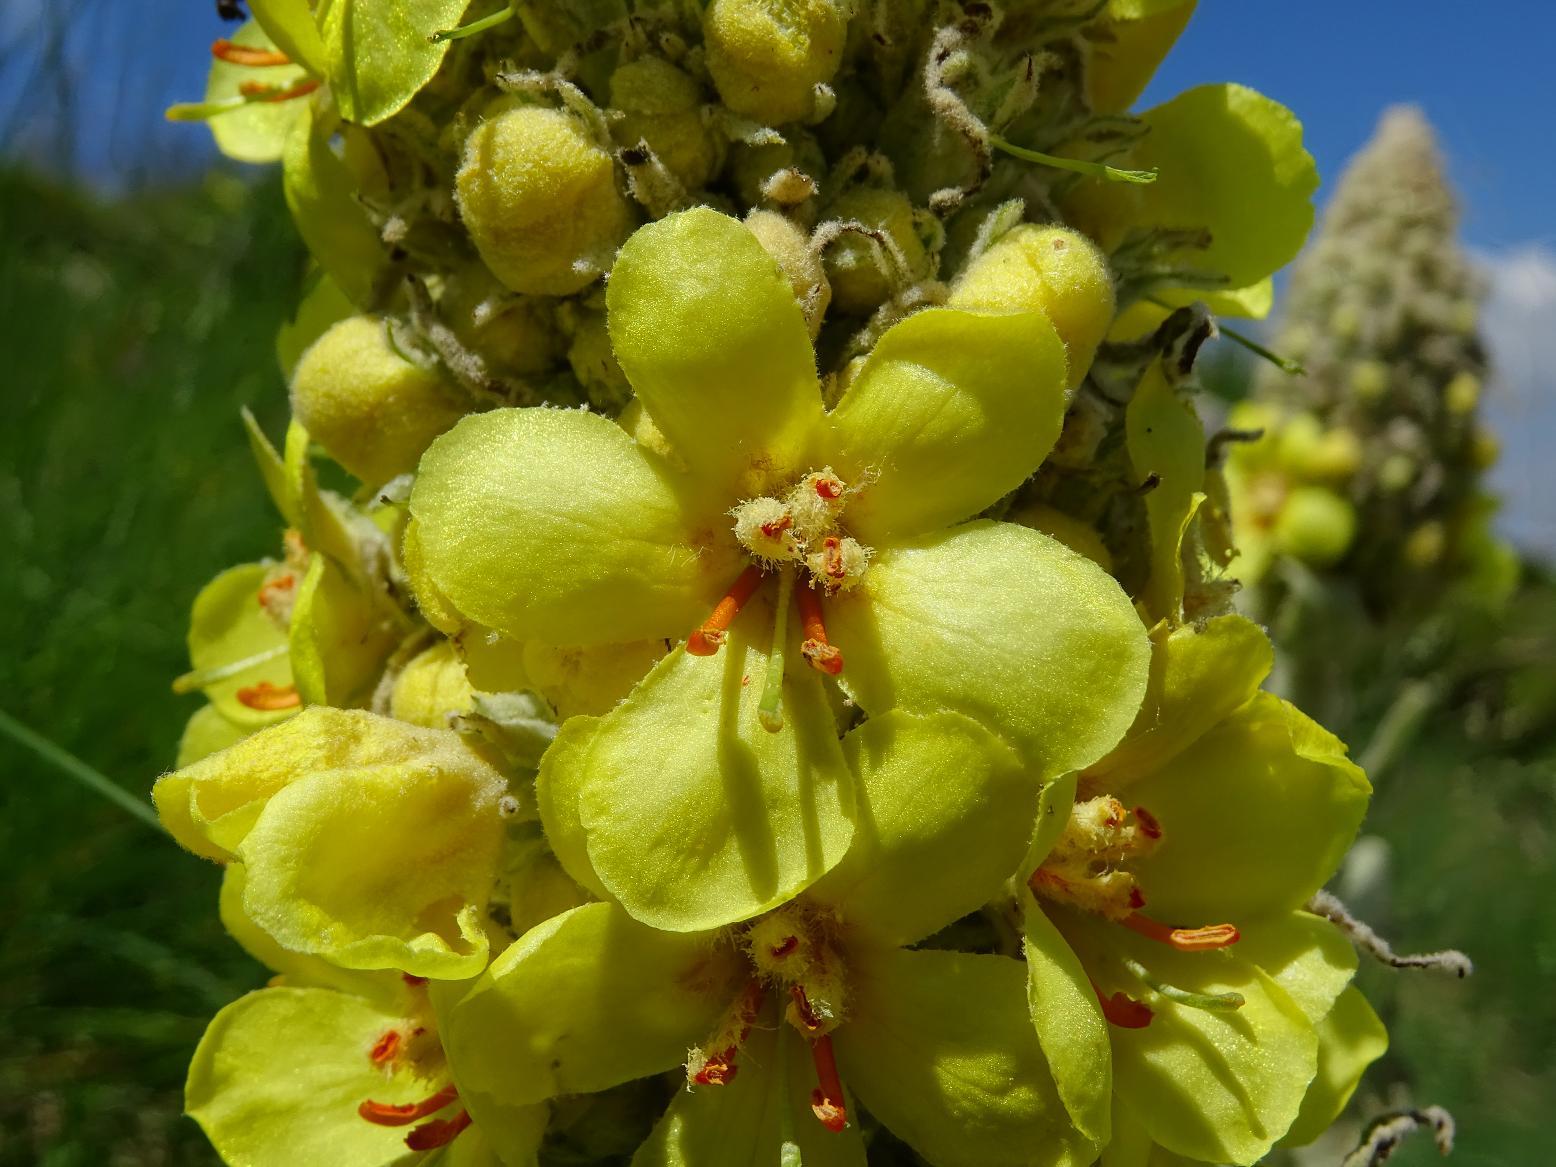 Коровяк длиннолистный (Verbascum longifolium). Автор фото: Кирилова Любовь